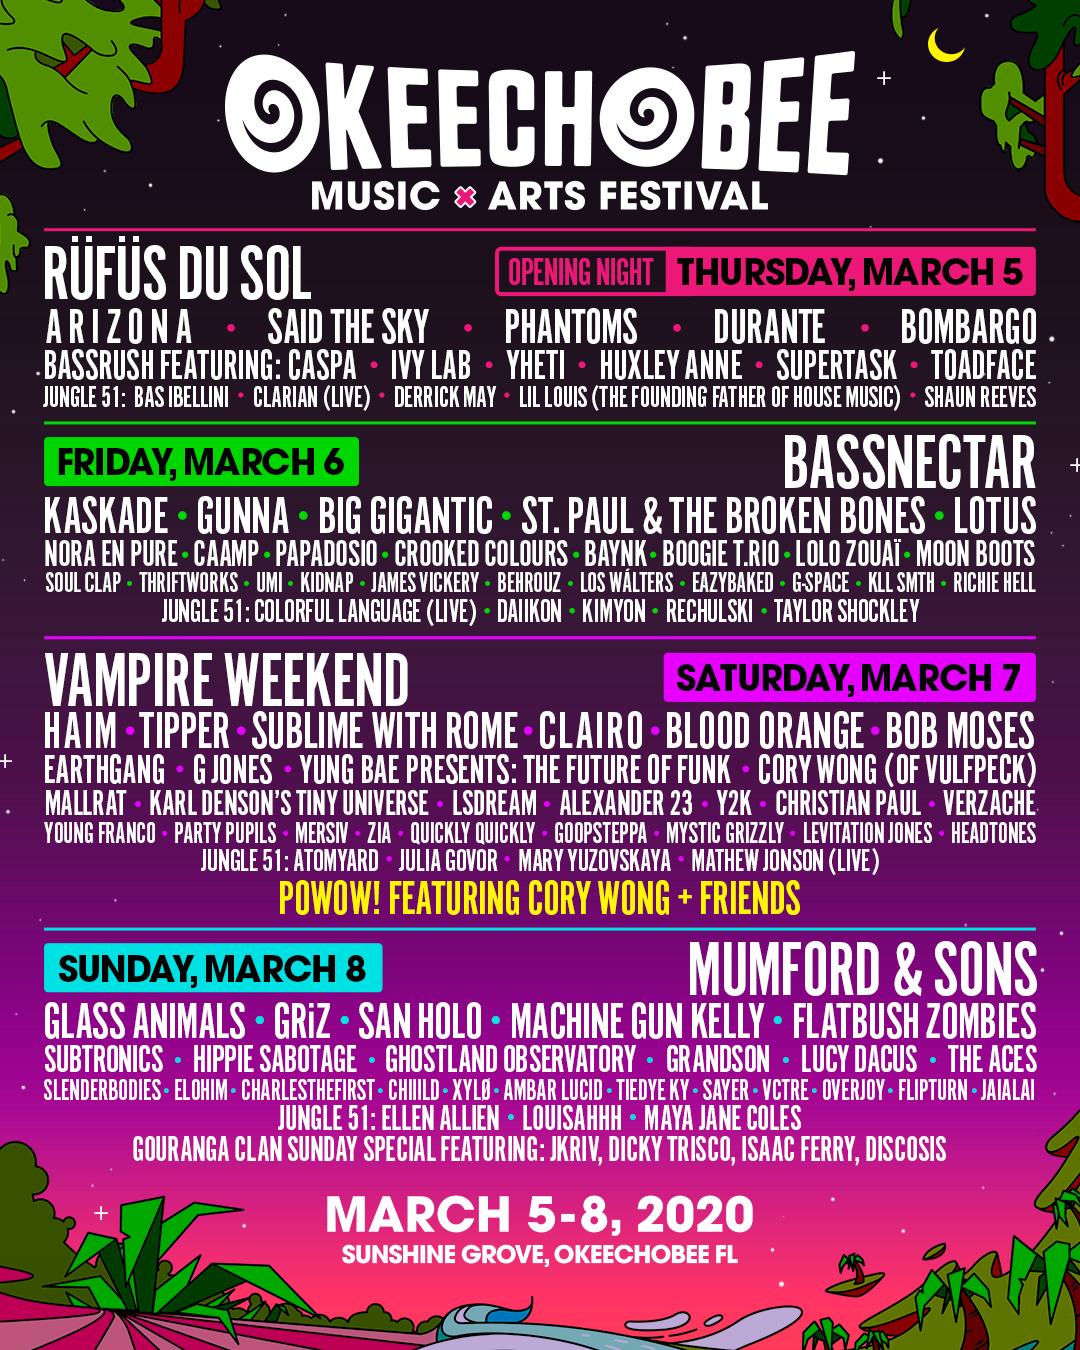 Okeechobee full lineup